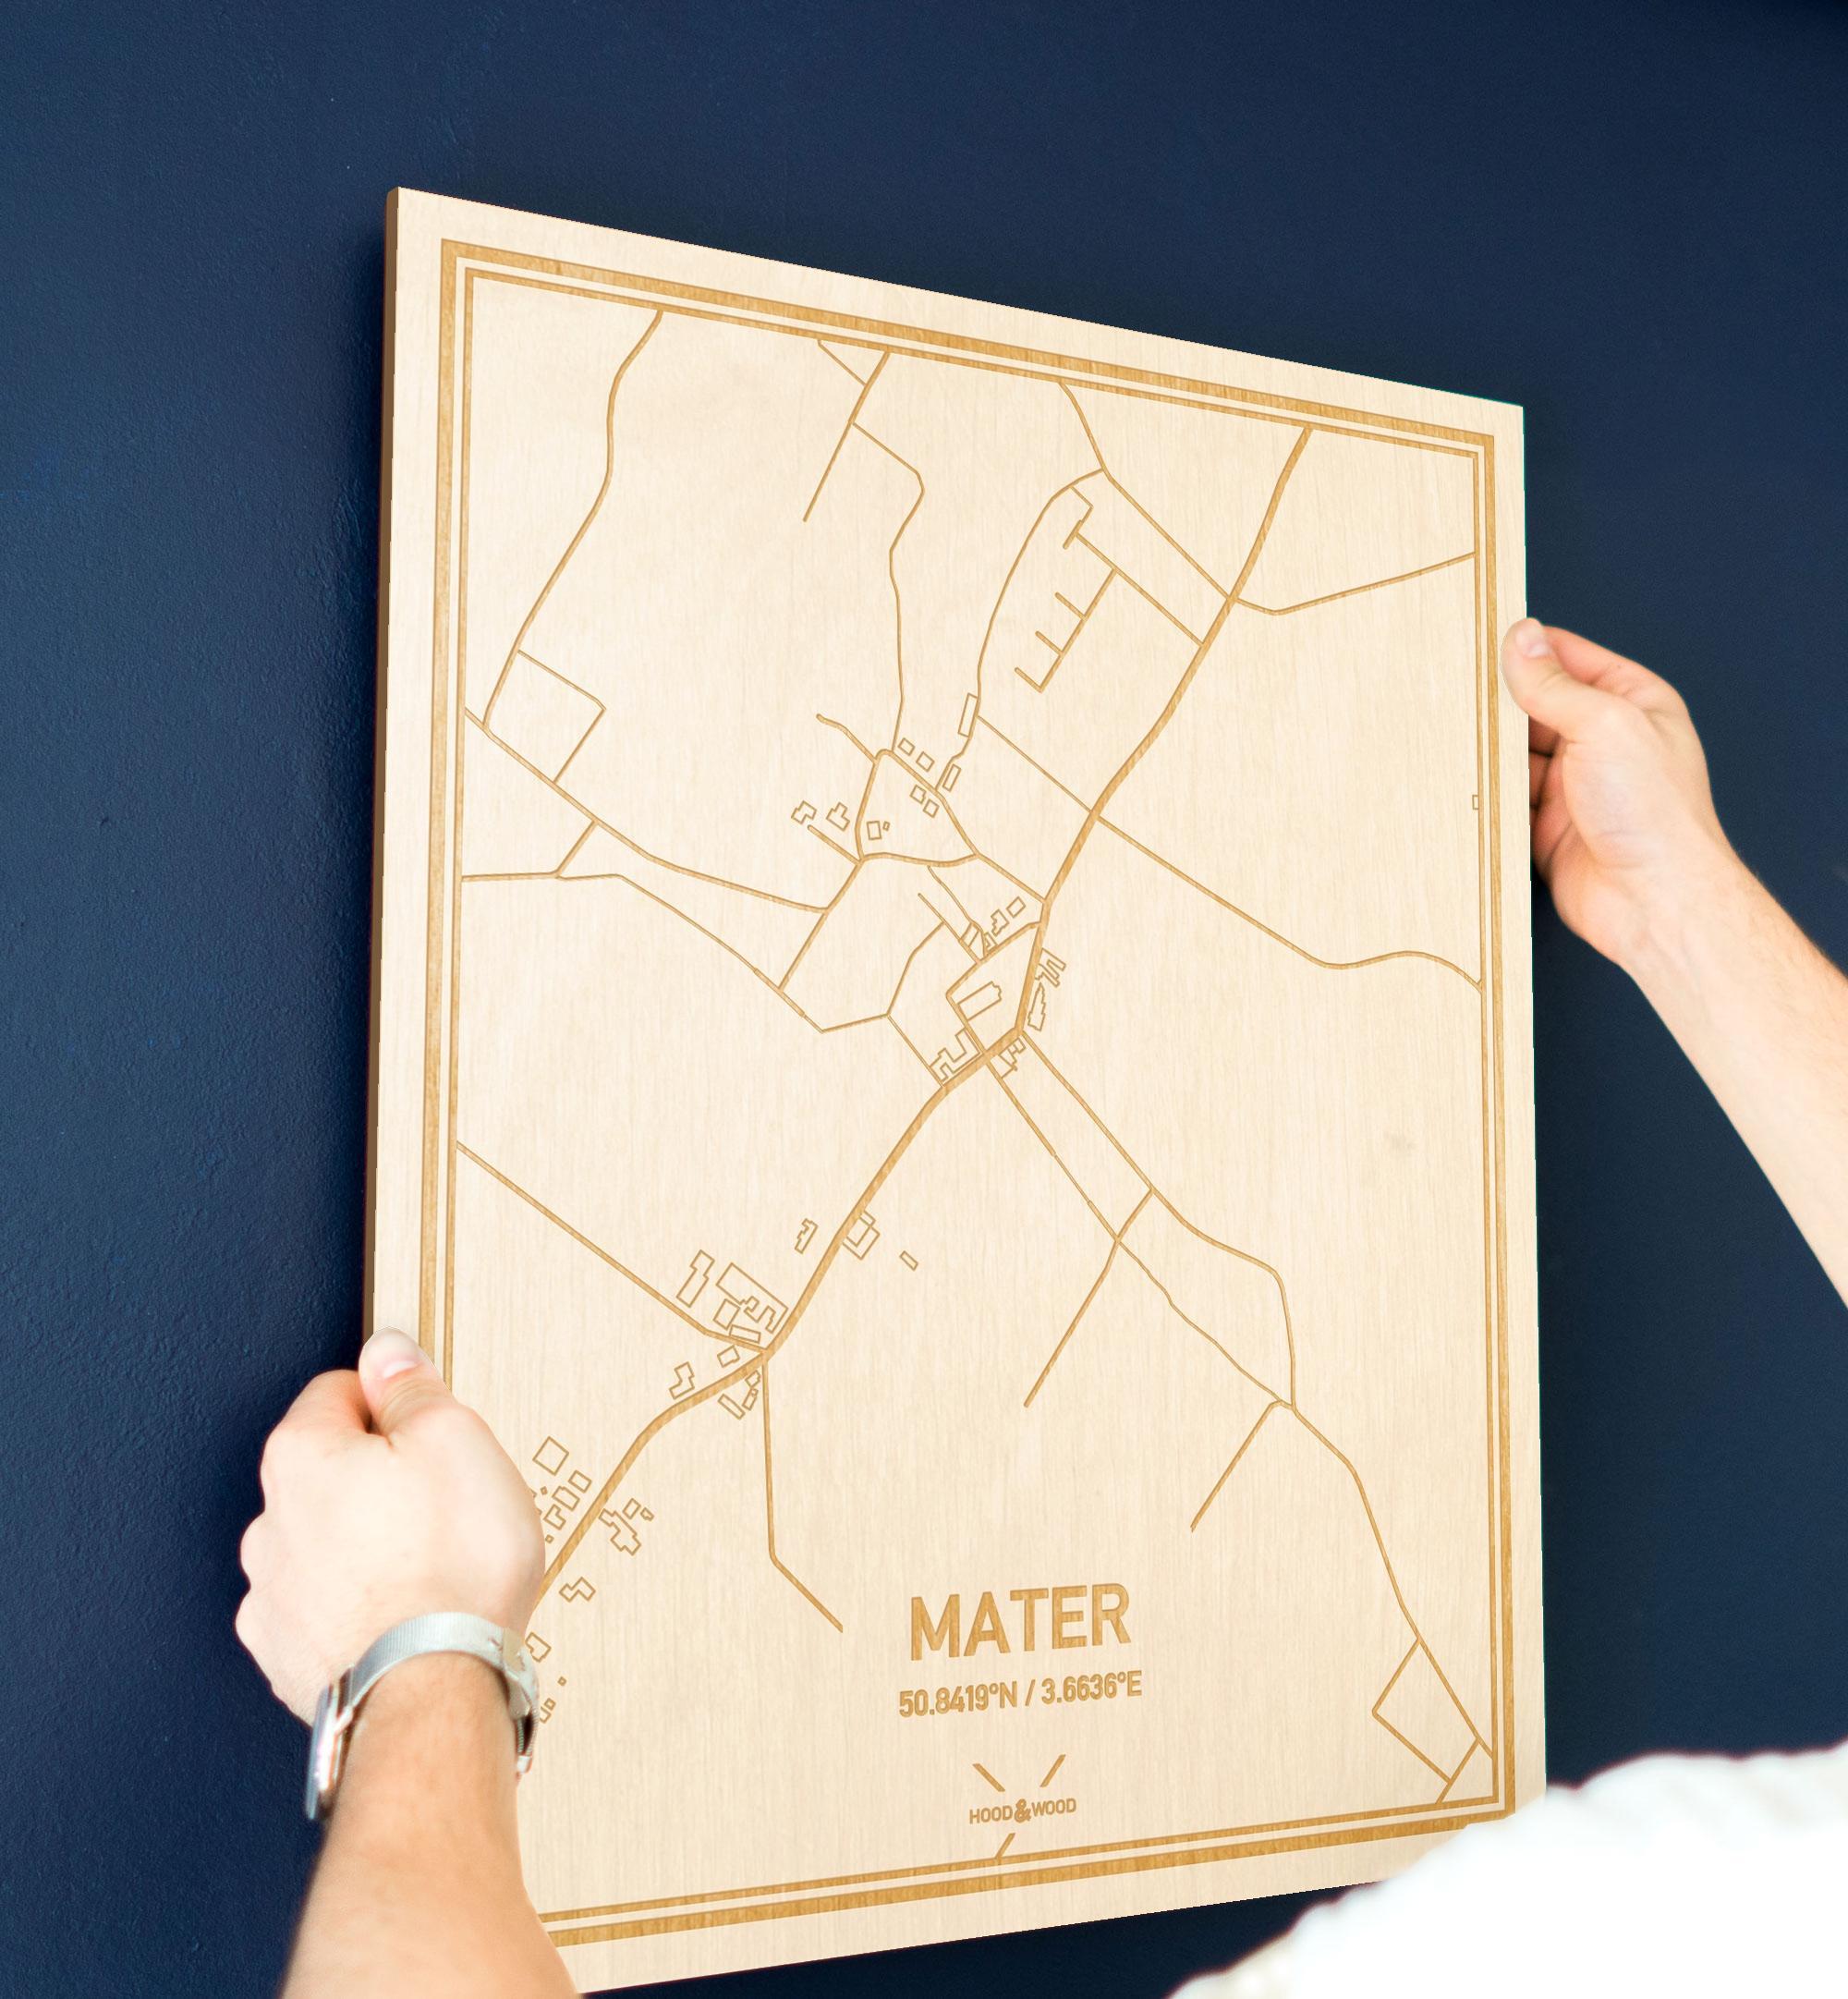 Een man hangt de houten plattegrond Mater aan zijn blauwe muur ter decoratie. Je ziet alleen zijn handen de kaart van deze speciale in Oost-Vlaanderen  vasthouden.